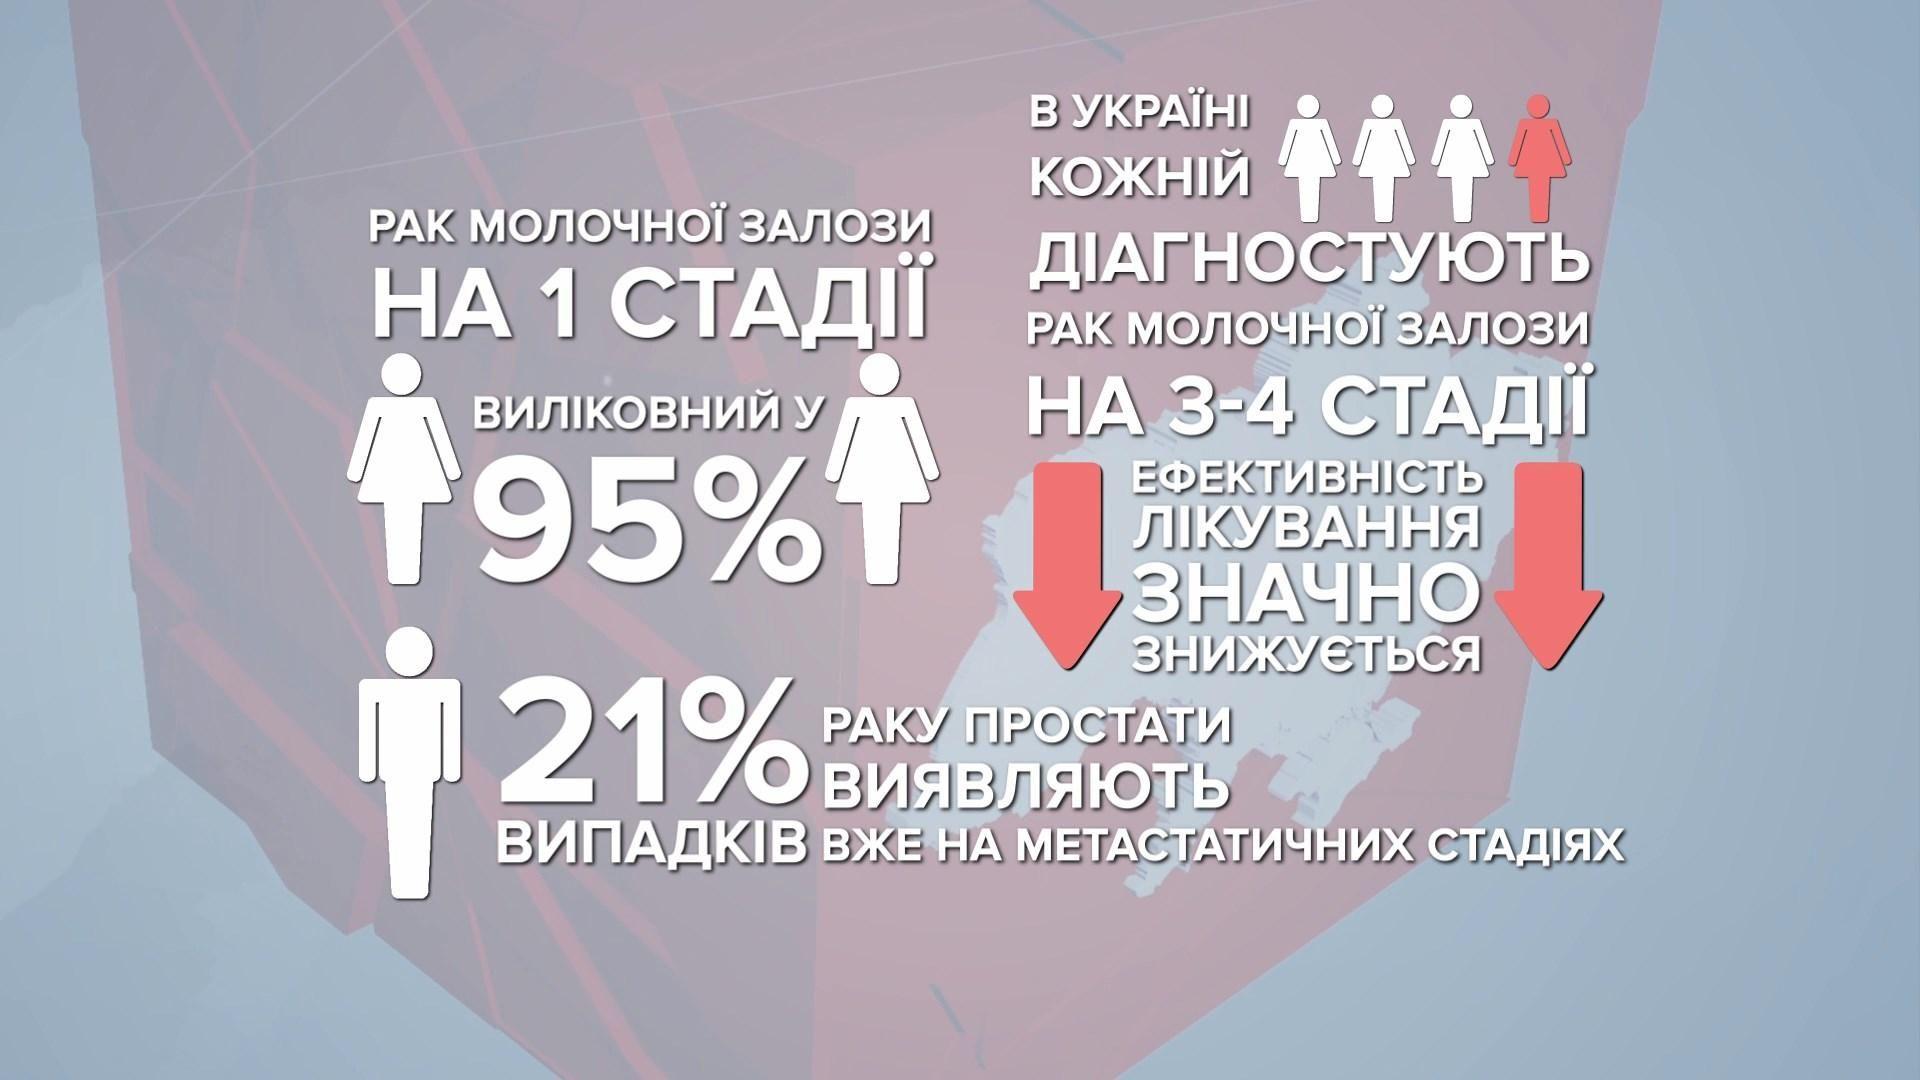 рак в україні